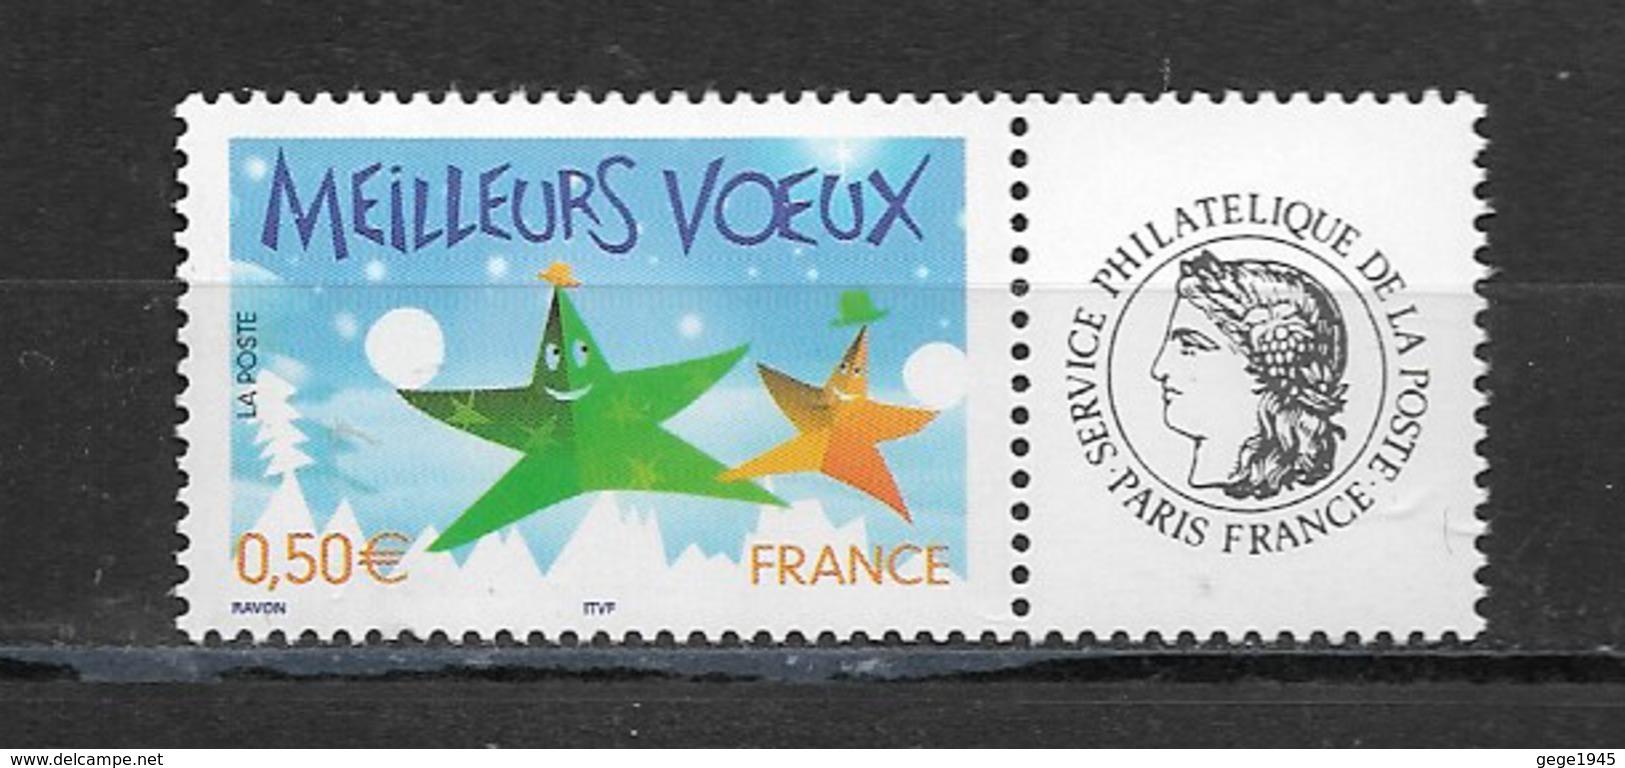 France  2004 Neuf *   Feuillet De 5  Timbres  3722A    Logo  Ceres -  Meilleurs Voeux -  ( Gomme Brillante ) - Frankreich